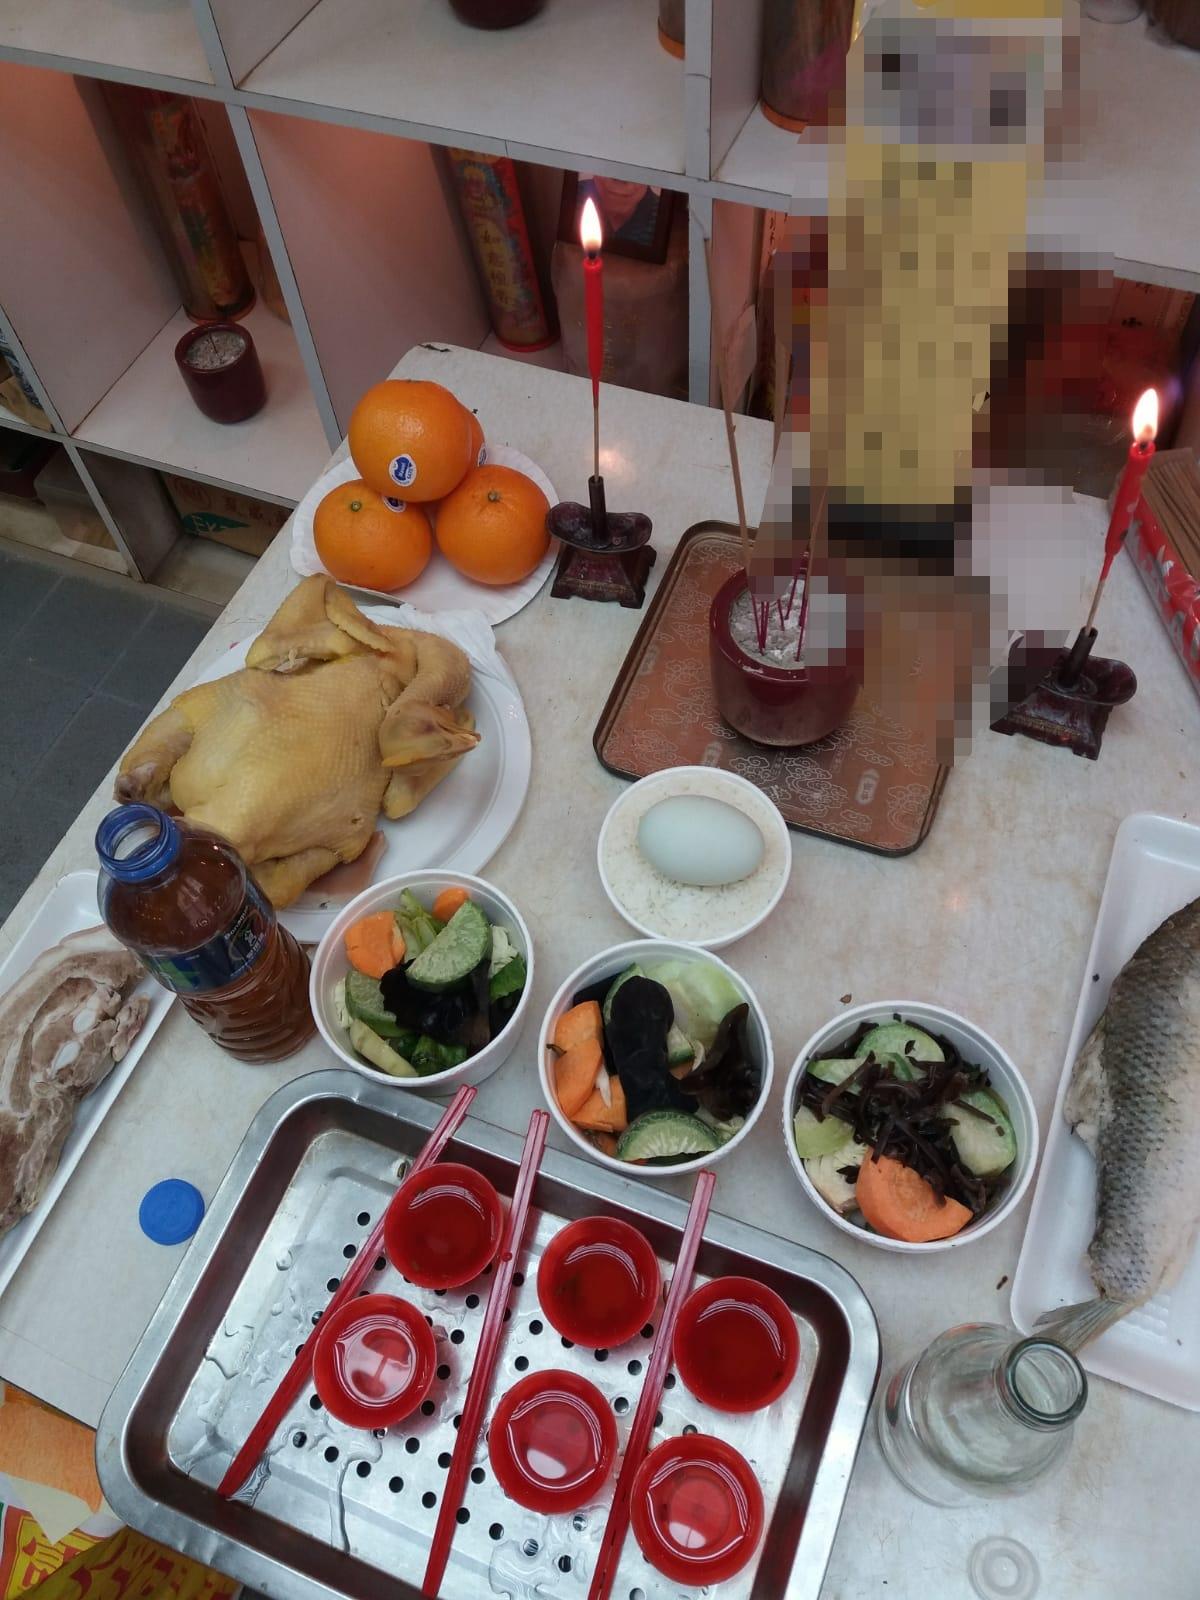 鴨蛋,是中國人拜祭先人的三牲祭品之一,故鴨蛋常見於拜山祭祖之時 (資料和圖中由Wendy 提供)